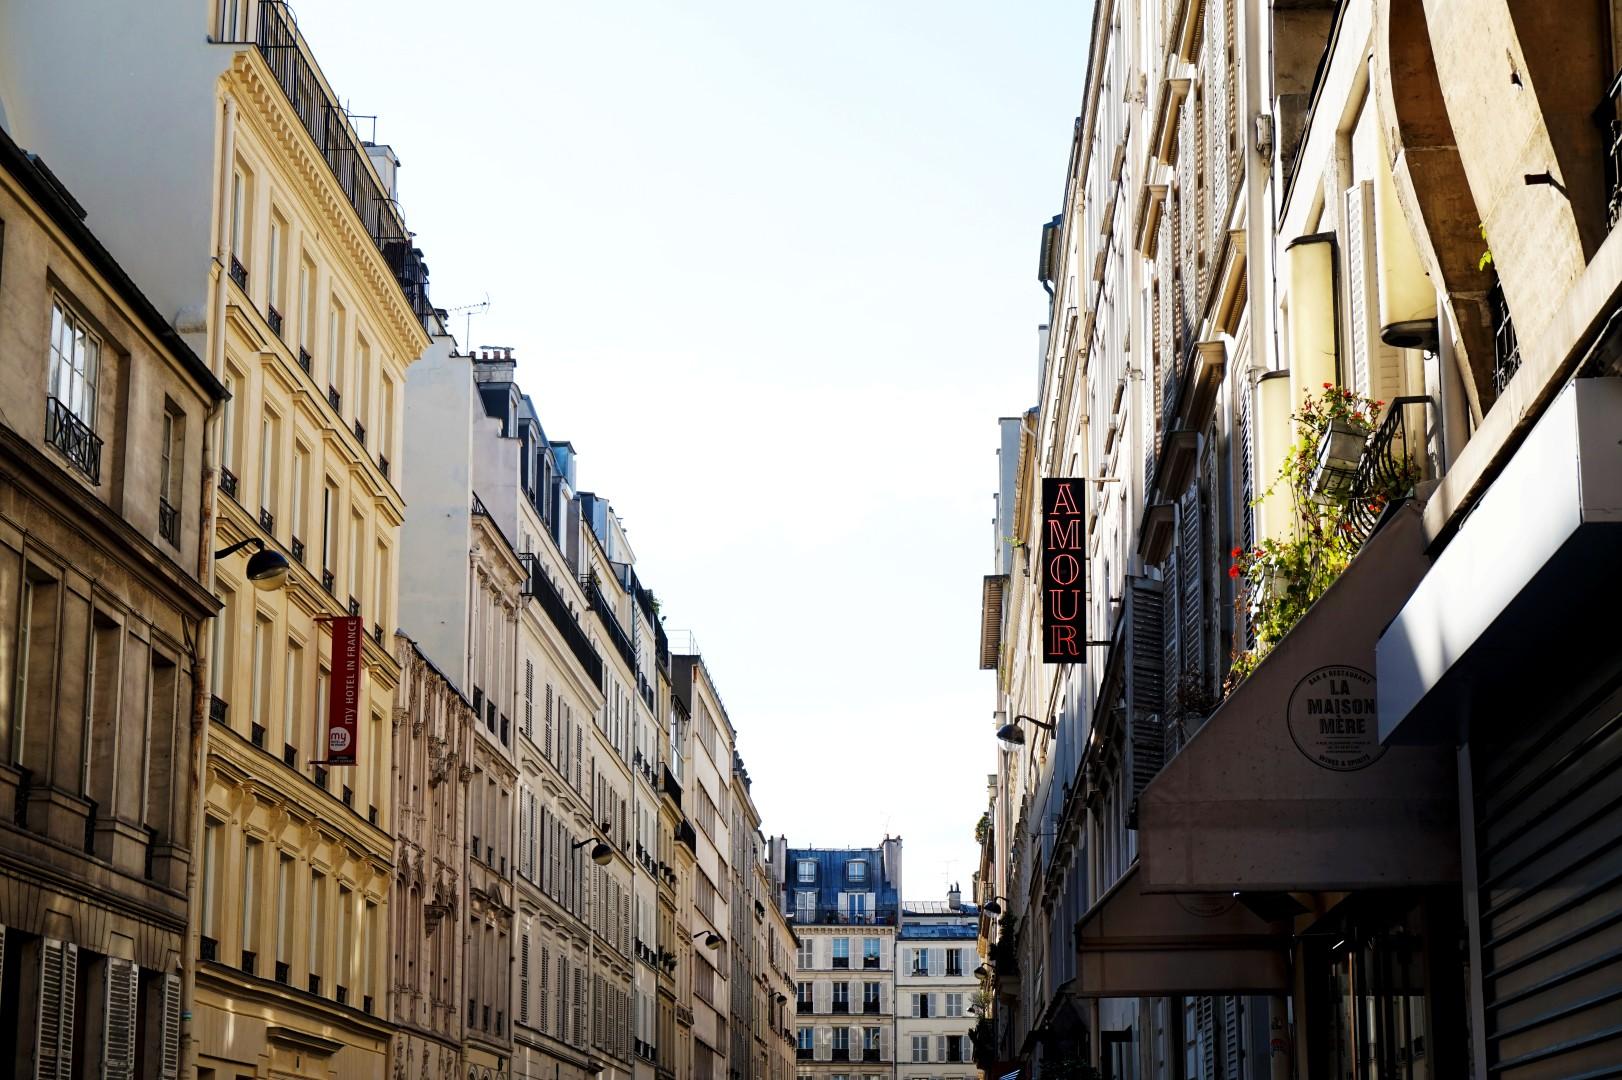 Balade dans le 9e - De Pigalle à Cadet - Rue de Navarin